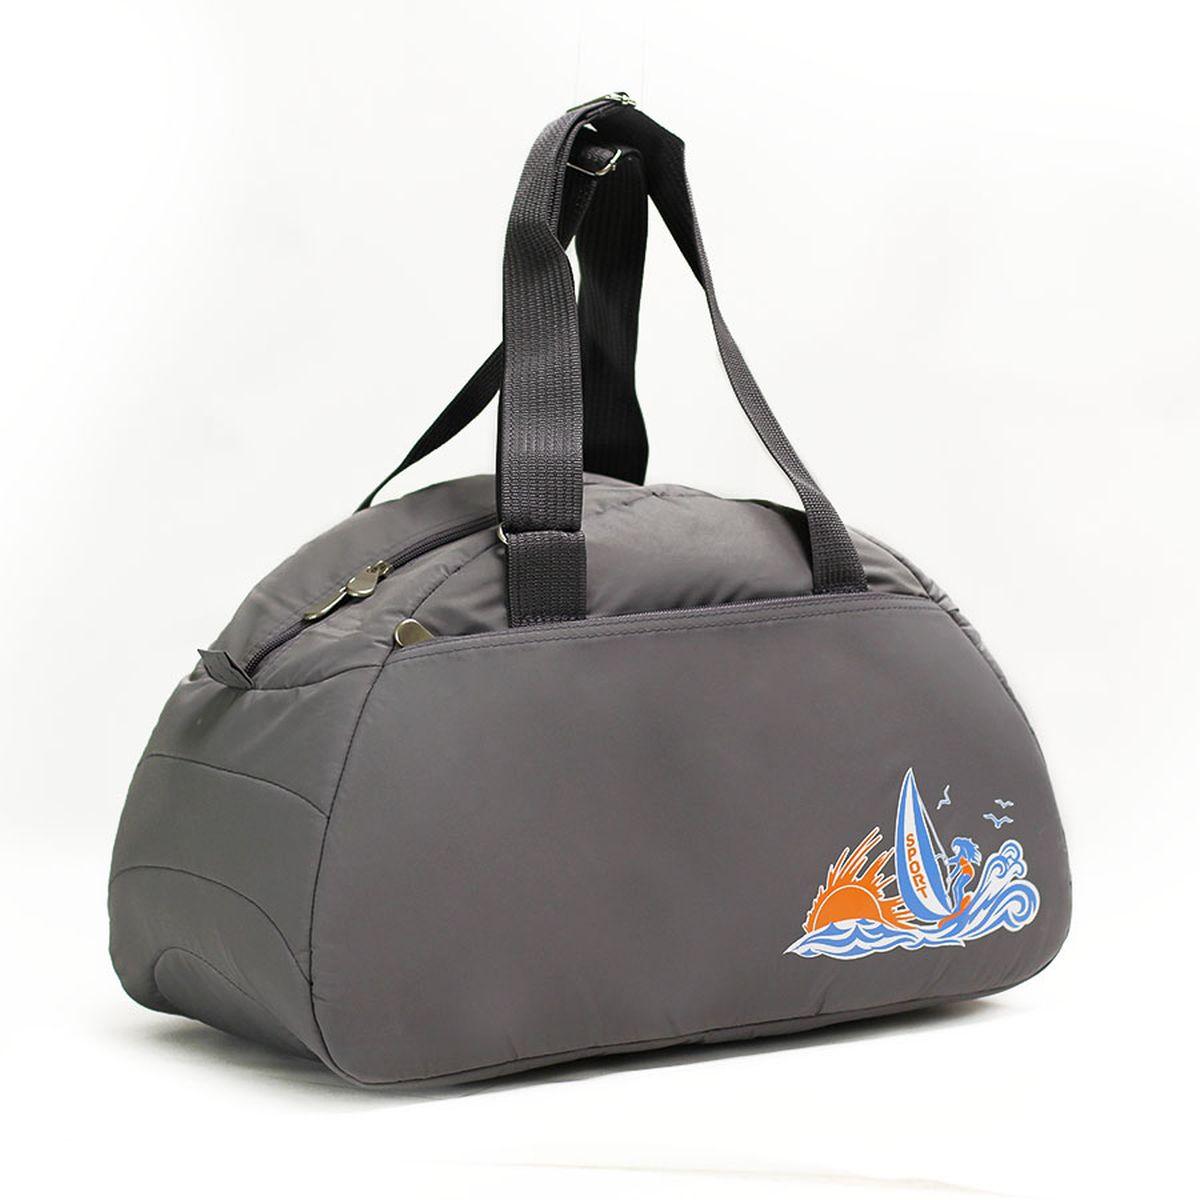 Сумка спортивная  Polar , цвет: серый, 28 л. 6020 - Дорожные сумки